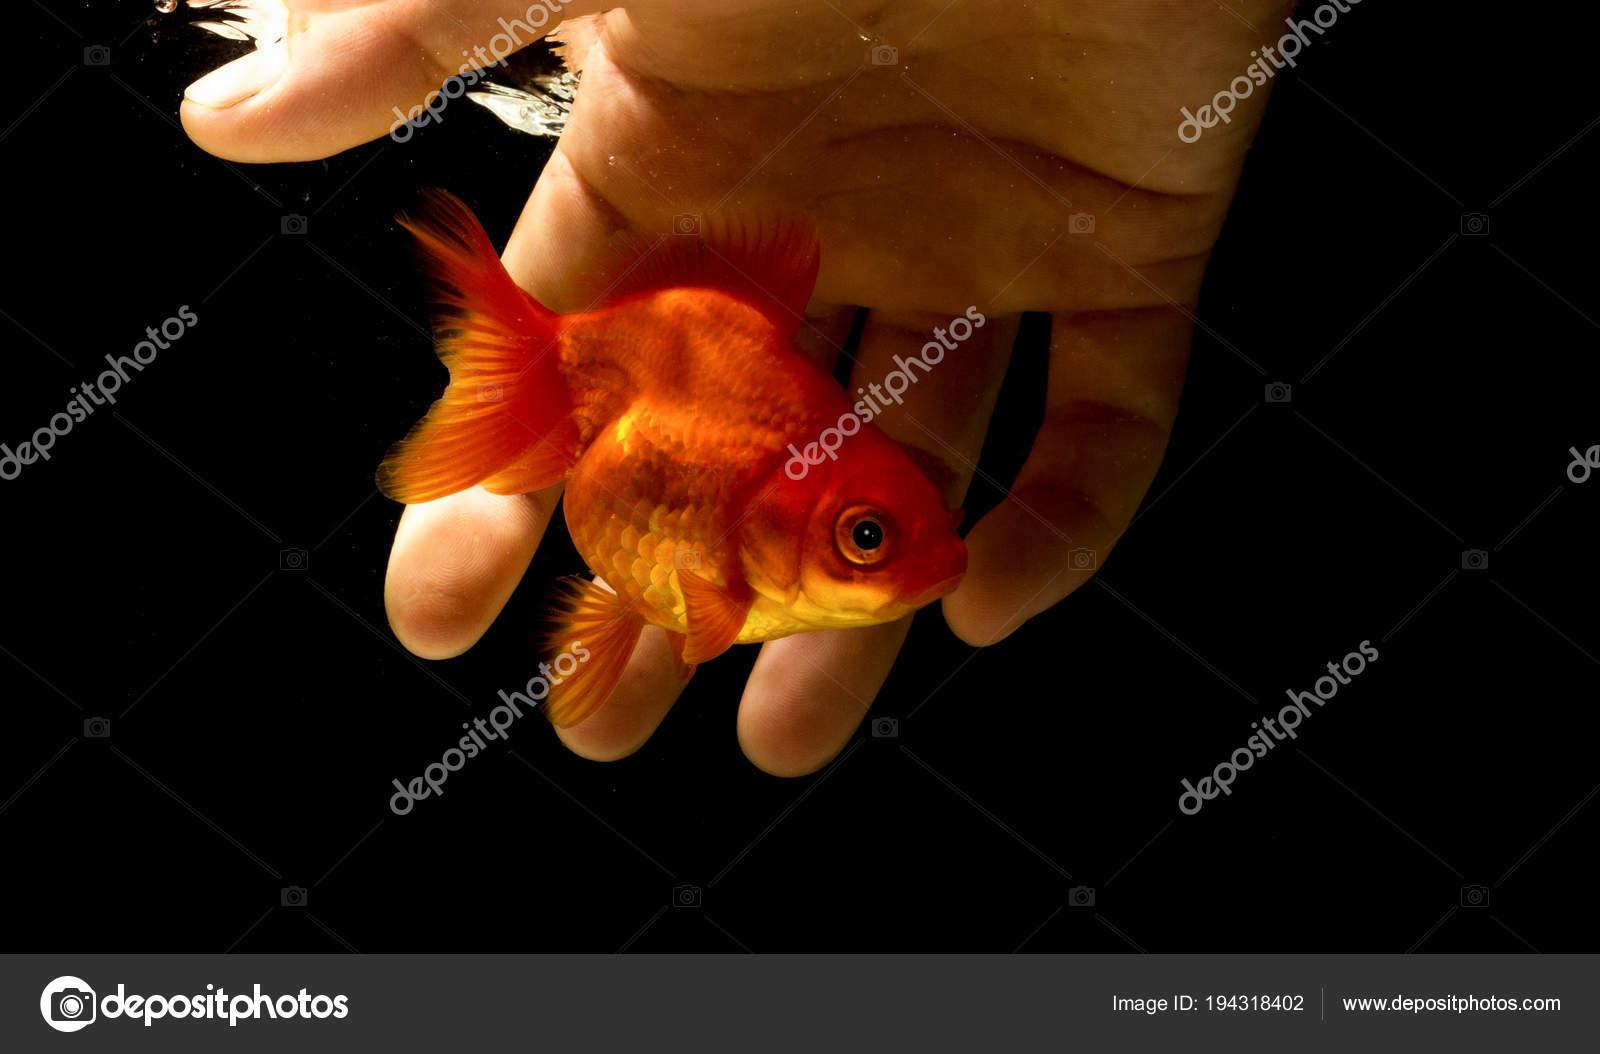 Если женщина поймала во сне живую рыбу, значит найдет обеспеченного мужа, если же ее выловил для нее кто-то другой – к беременности.